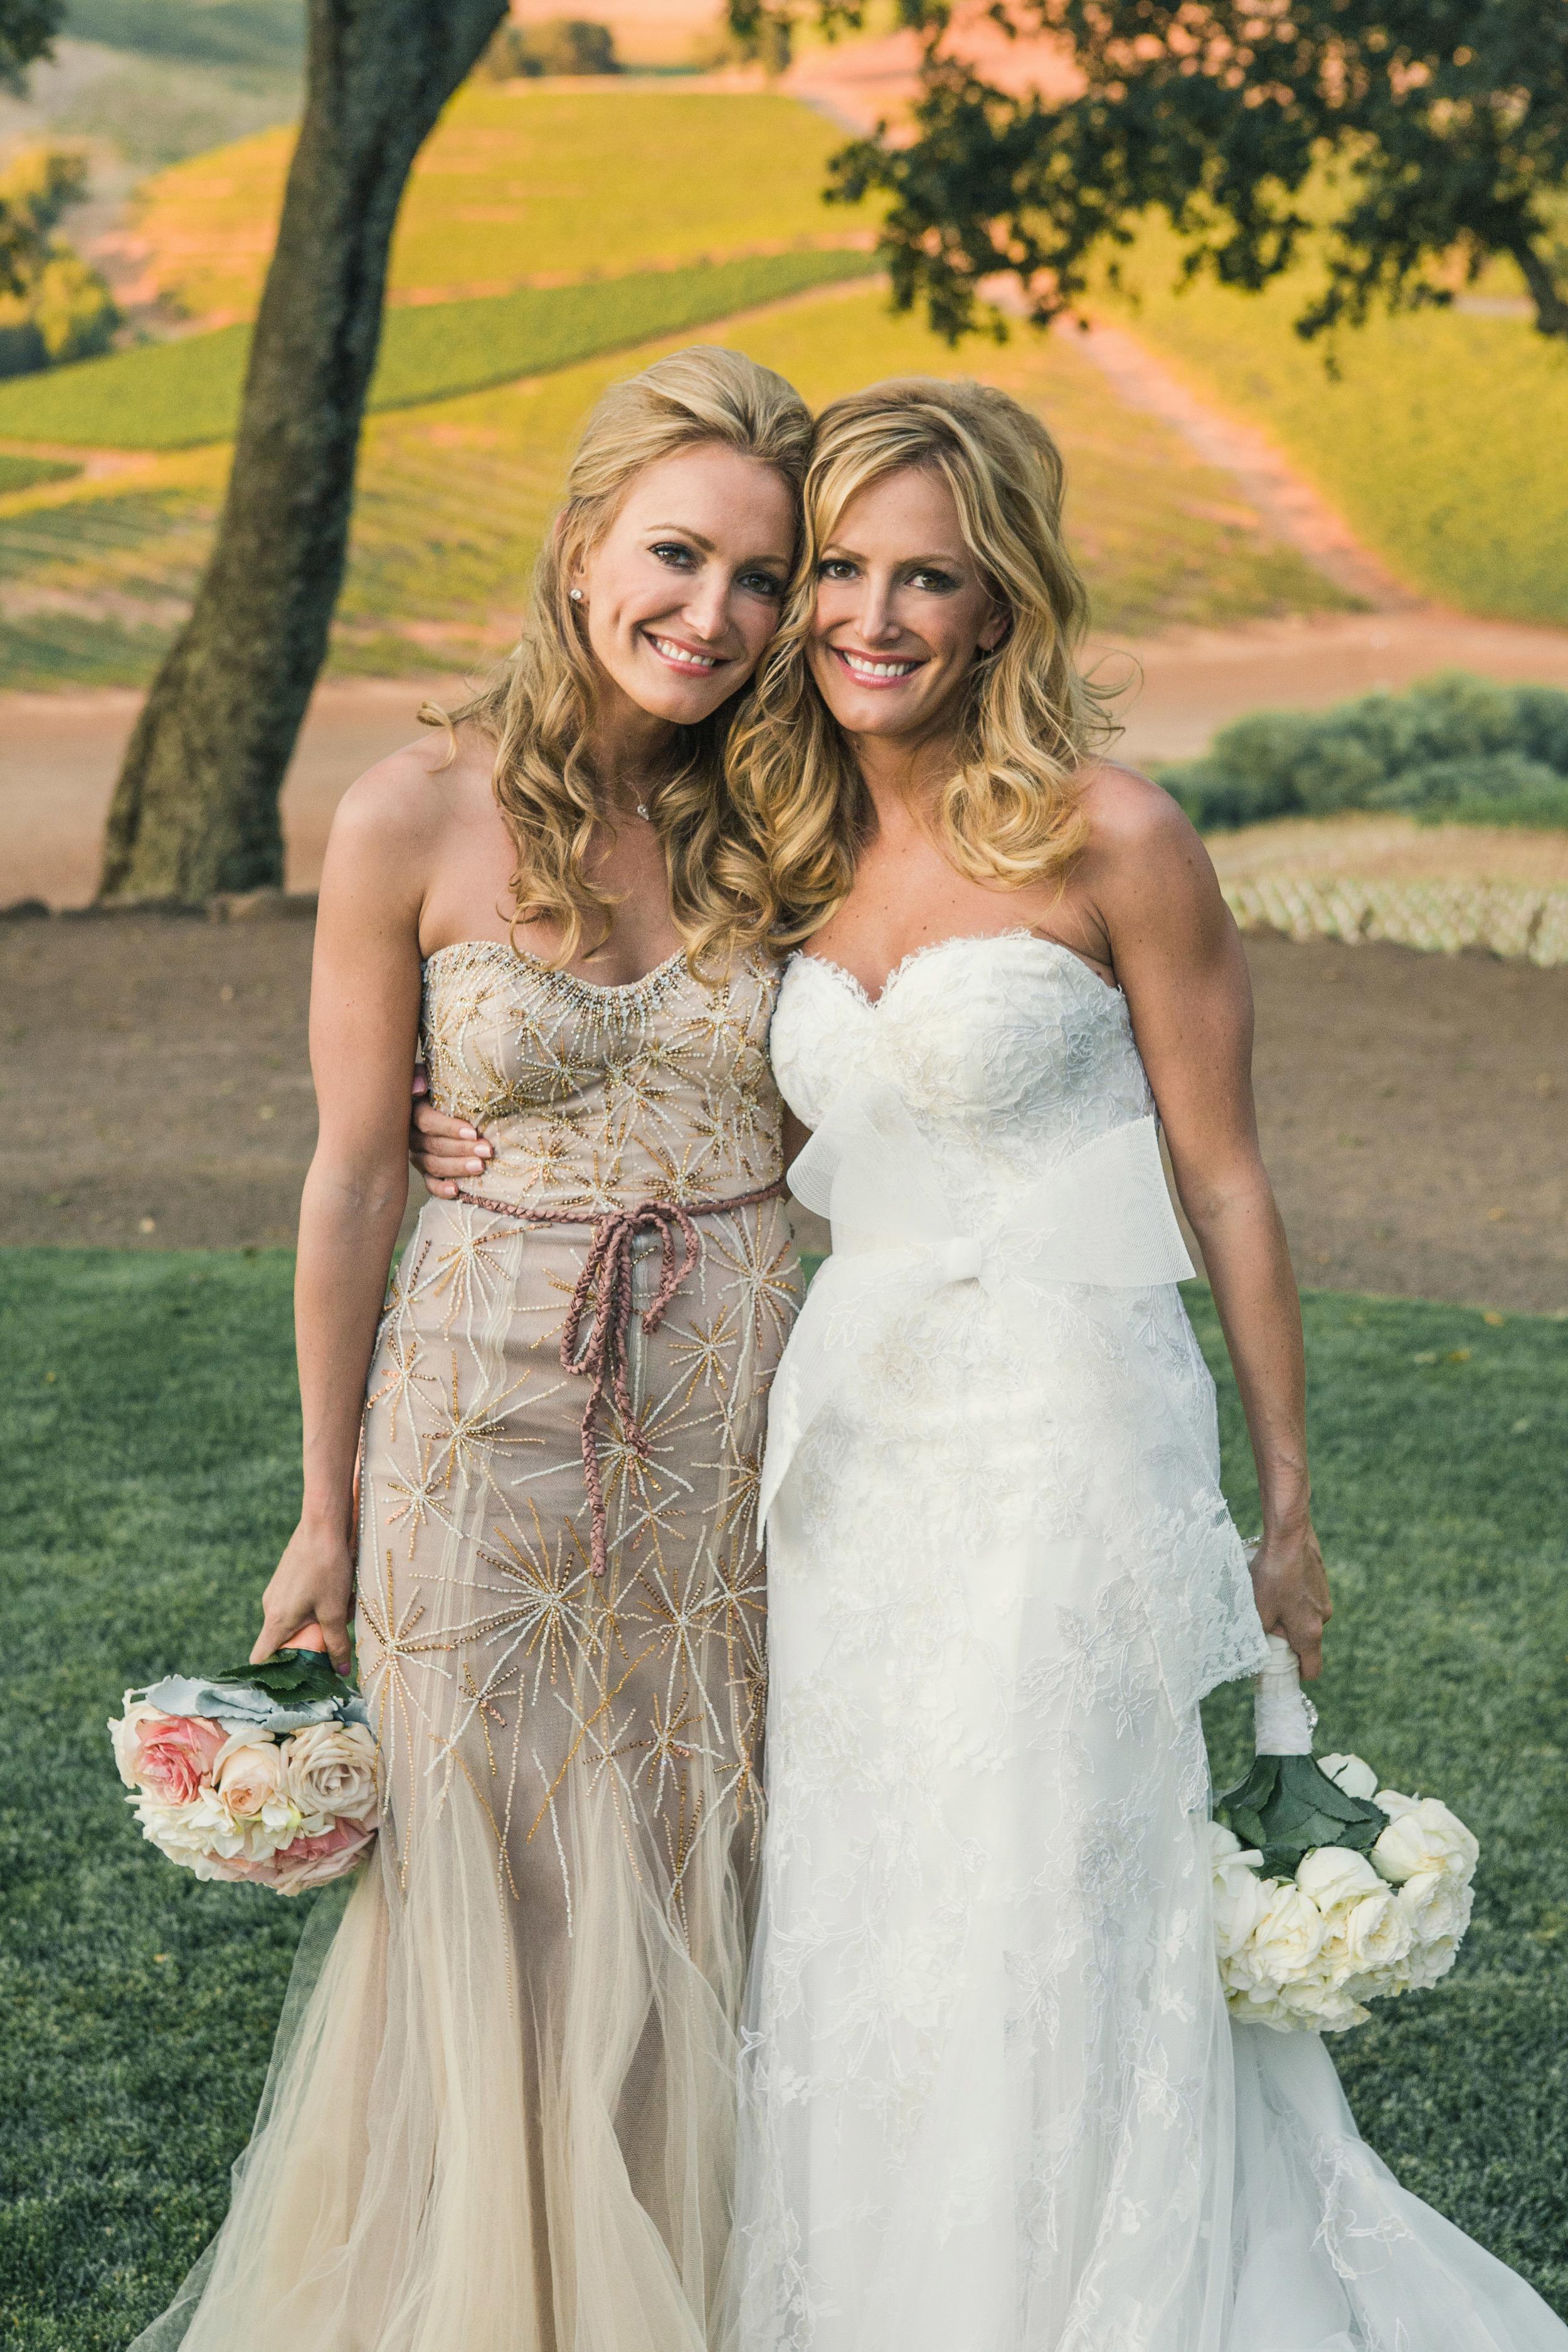 N Bride and MOH sister pic.jpg